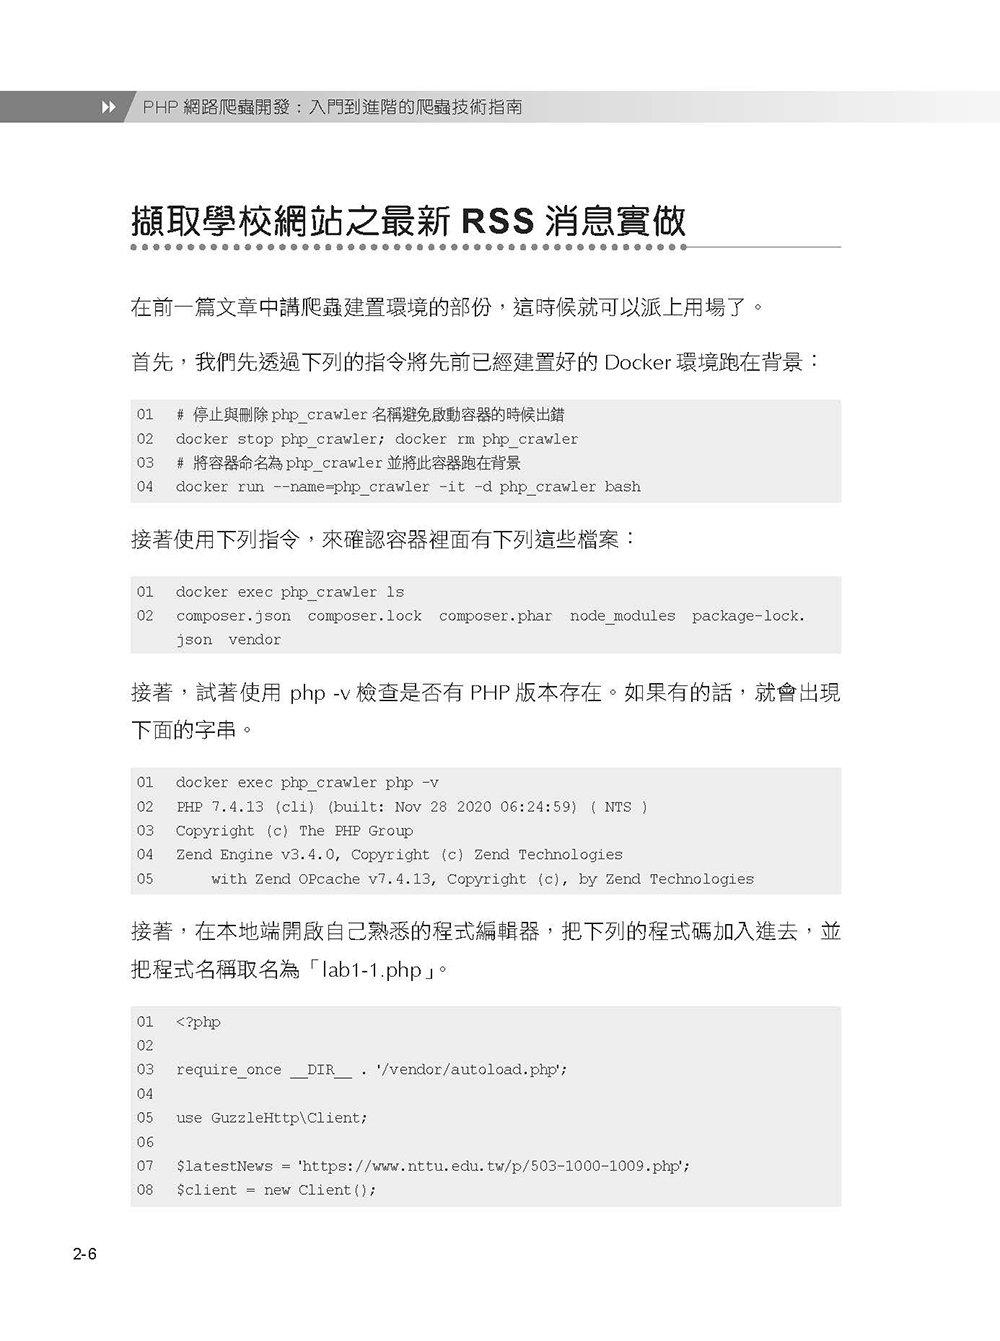 PHP 網路爬蟲開發:入門到進階的爬蟲技術指南(iT邦幫忙鐵人賽系列書)-preview-15